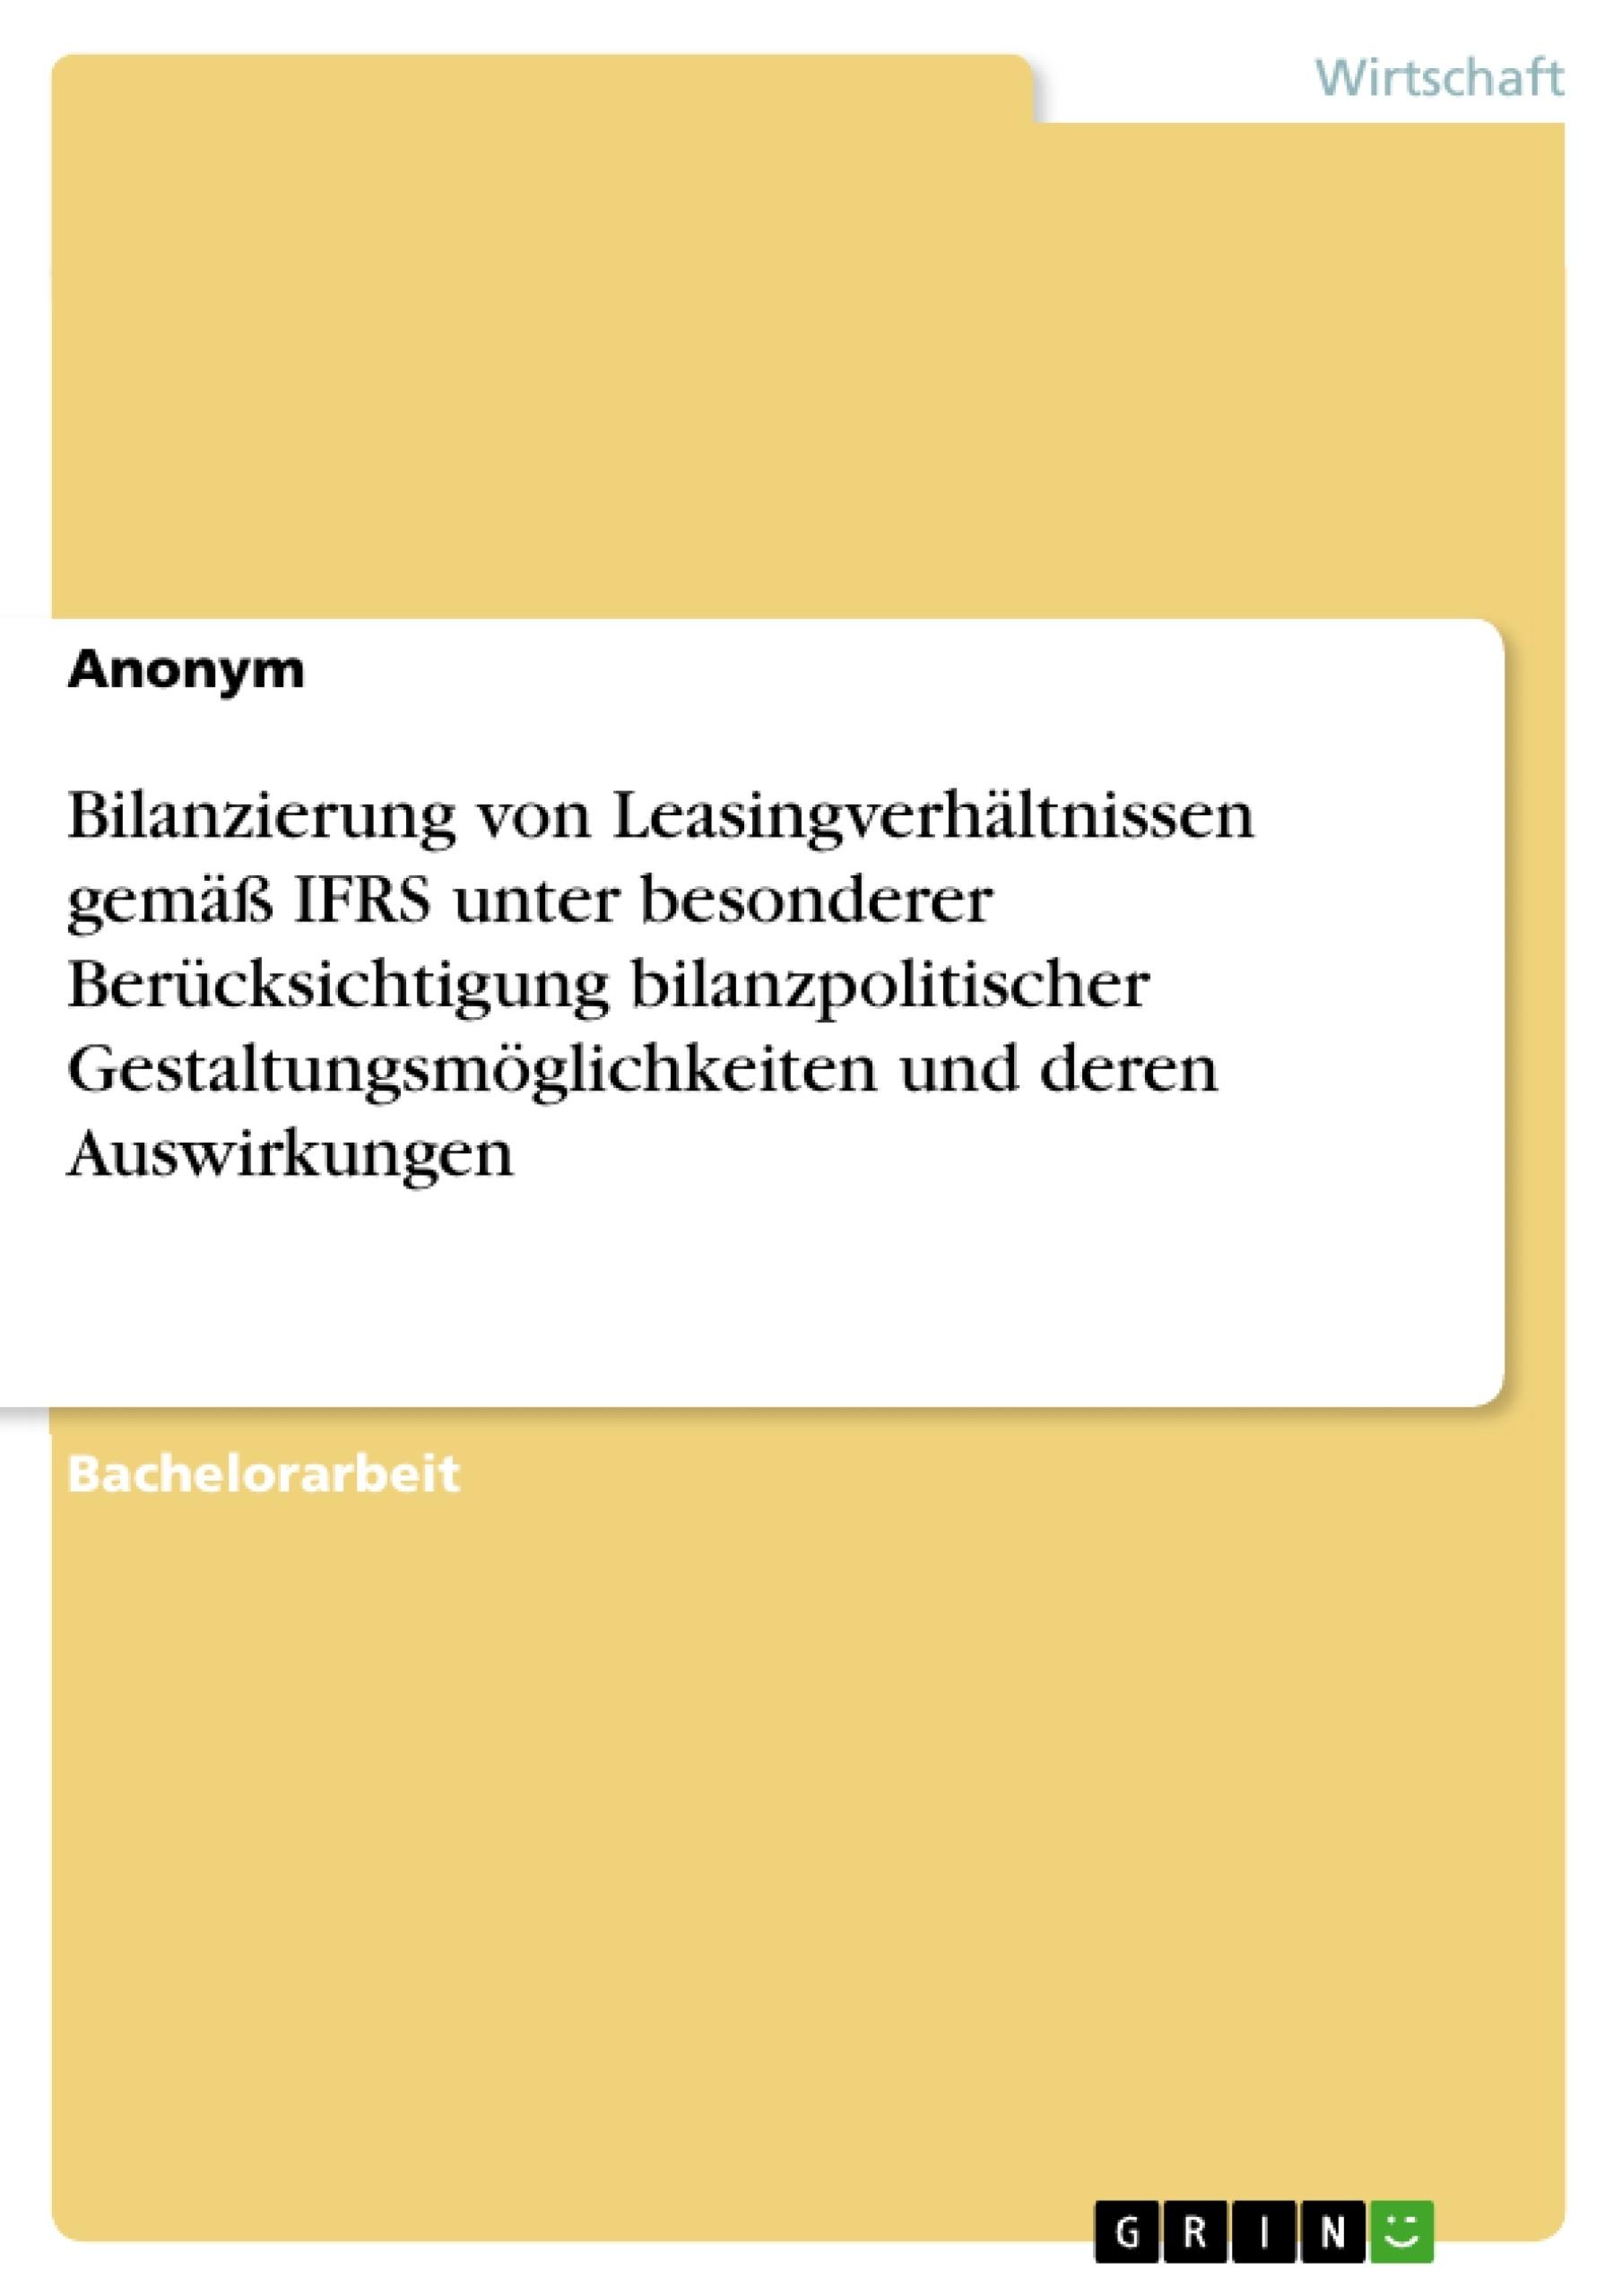 Titel: Bilanzierung von Leasingverhältnissen gemäß IFRS unter besonderer Berücksichtigung bilanzpolitischer Gestaltungsmöglichkeiten und deren Auswirkungen